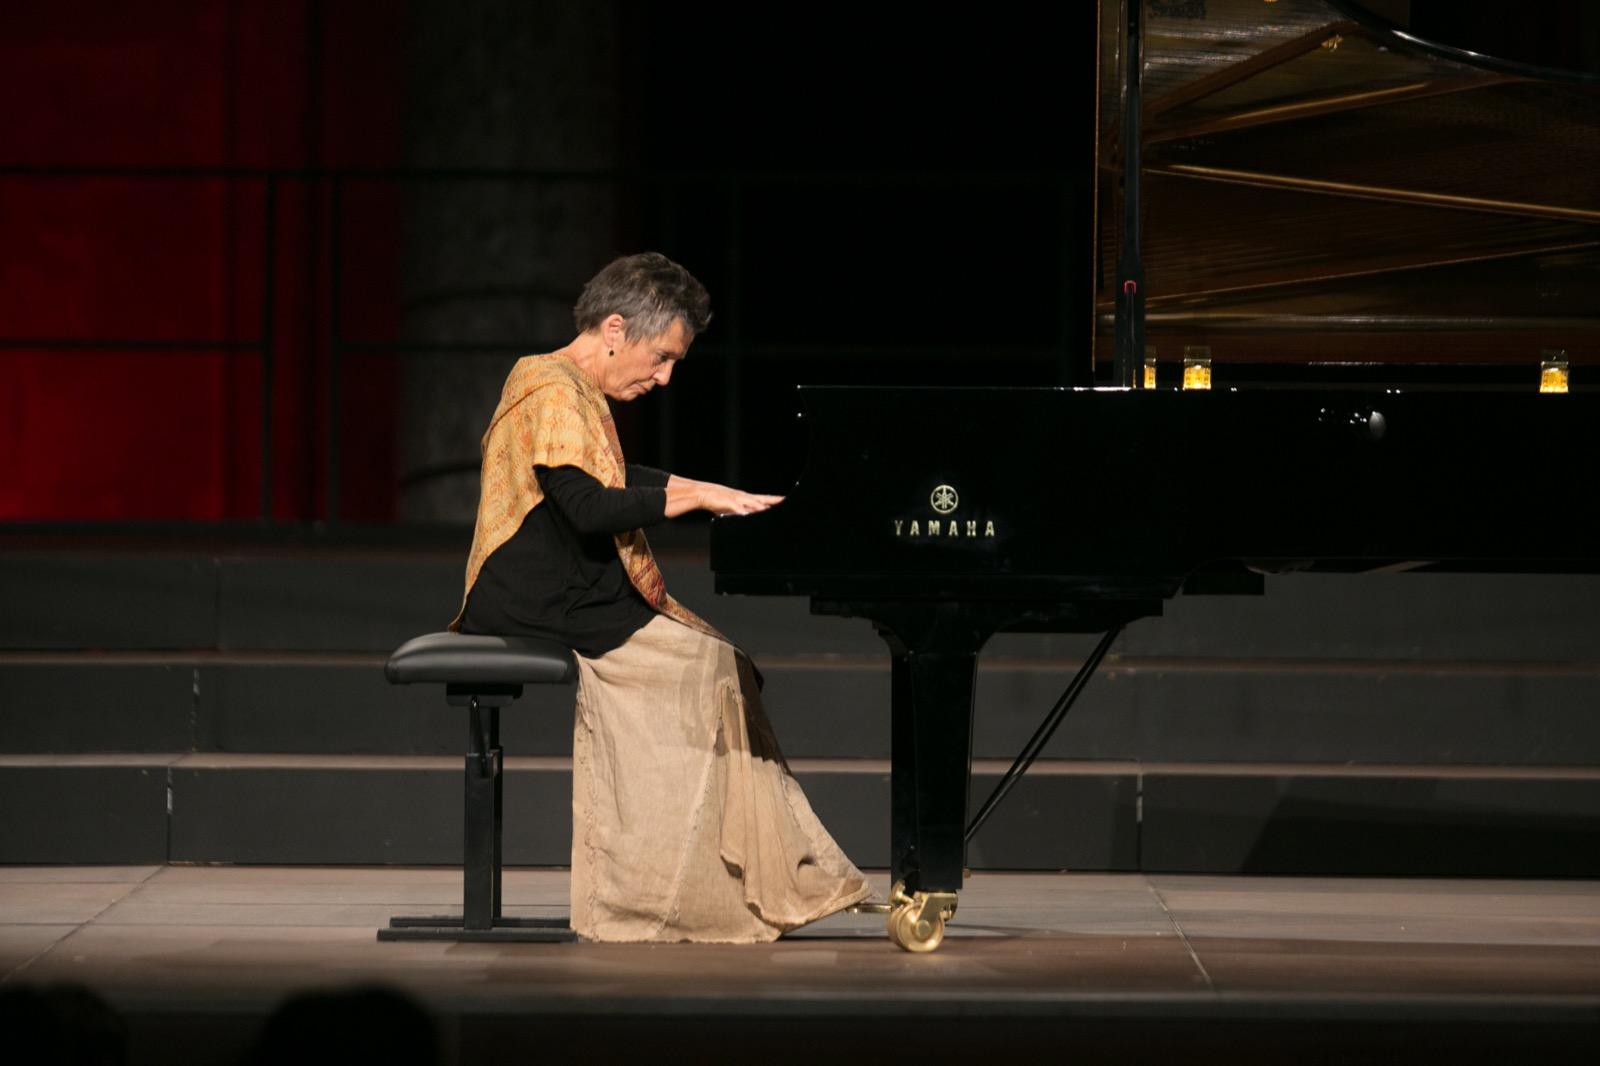 Así fue la actuación de Maria Joao Pires en el Festival Internacional de Música y Danza